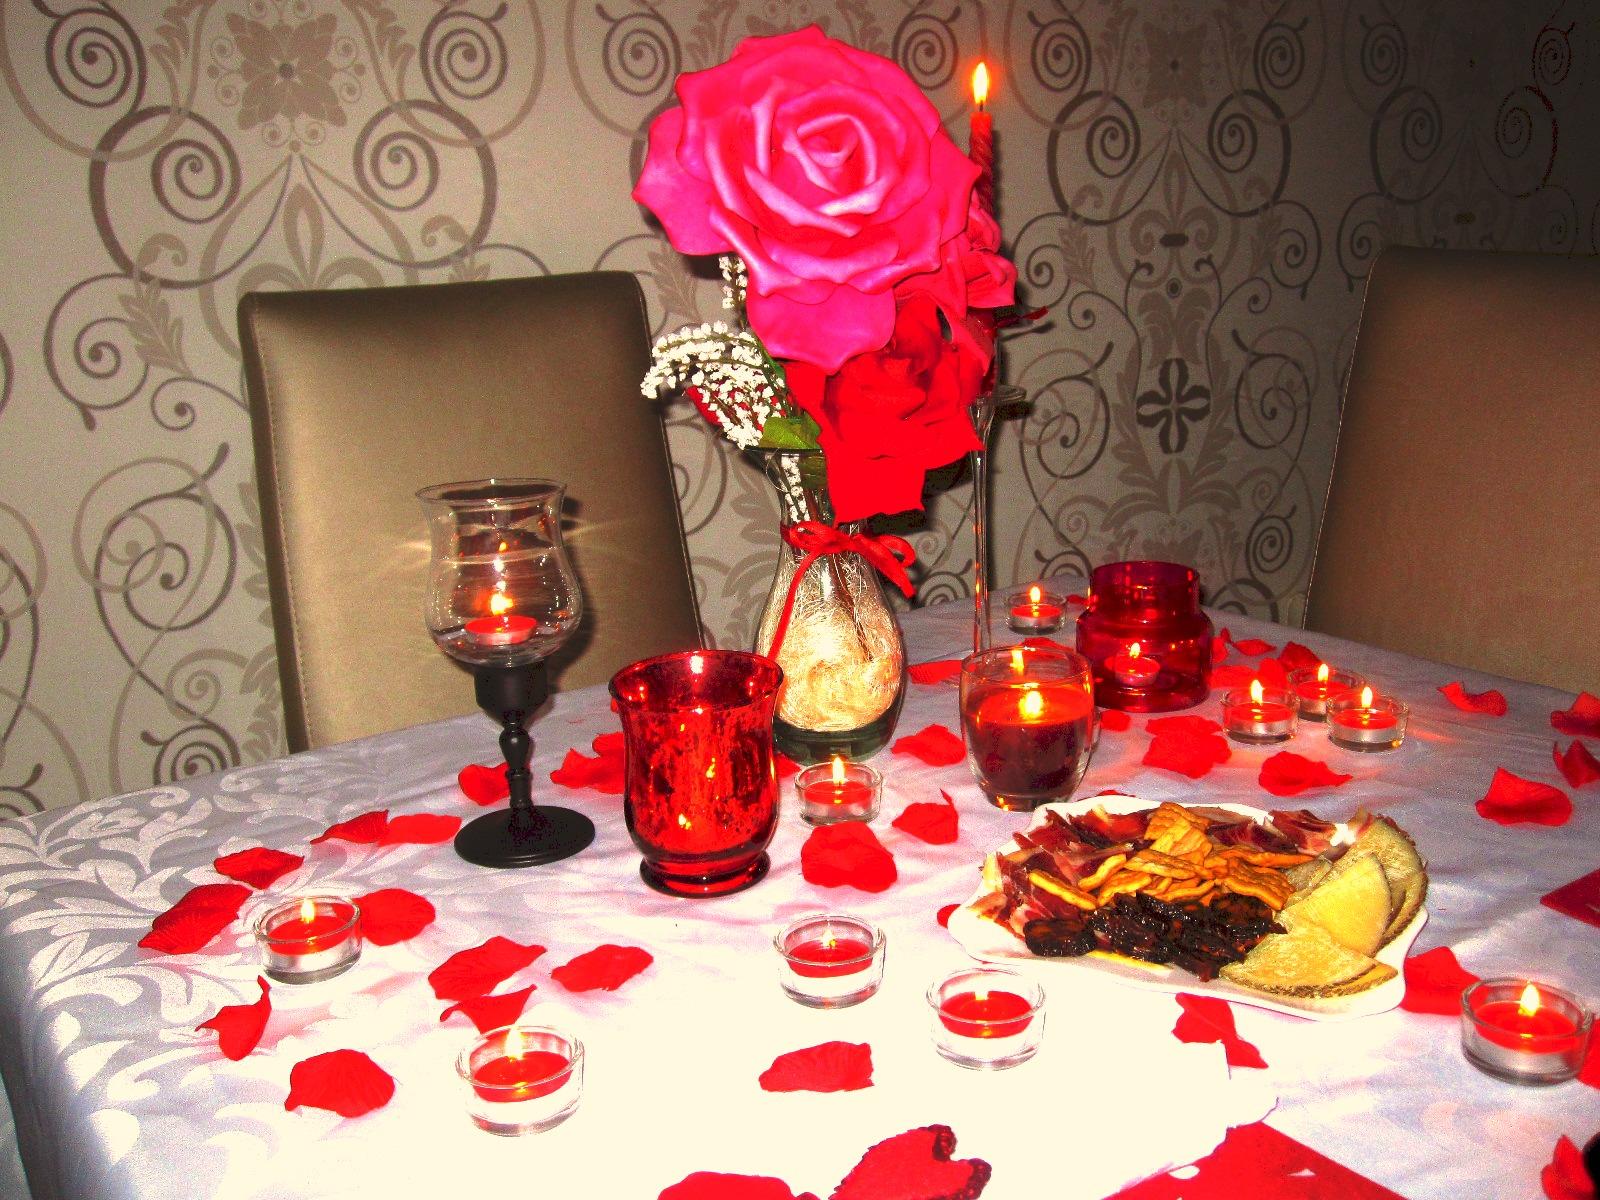 Experimentando en la cocina y algunas cosas mas san valentin - Decoraciones originales para casas ...